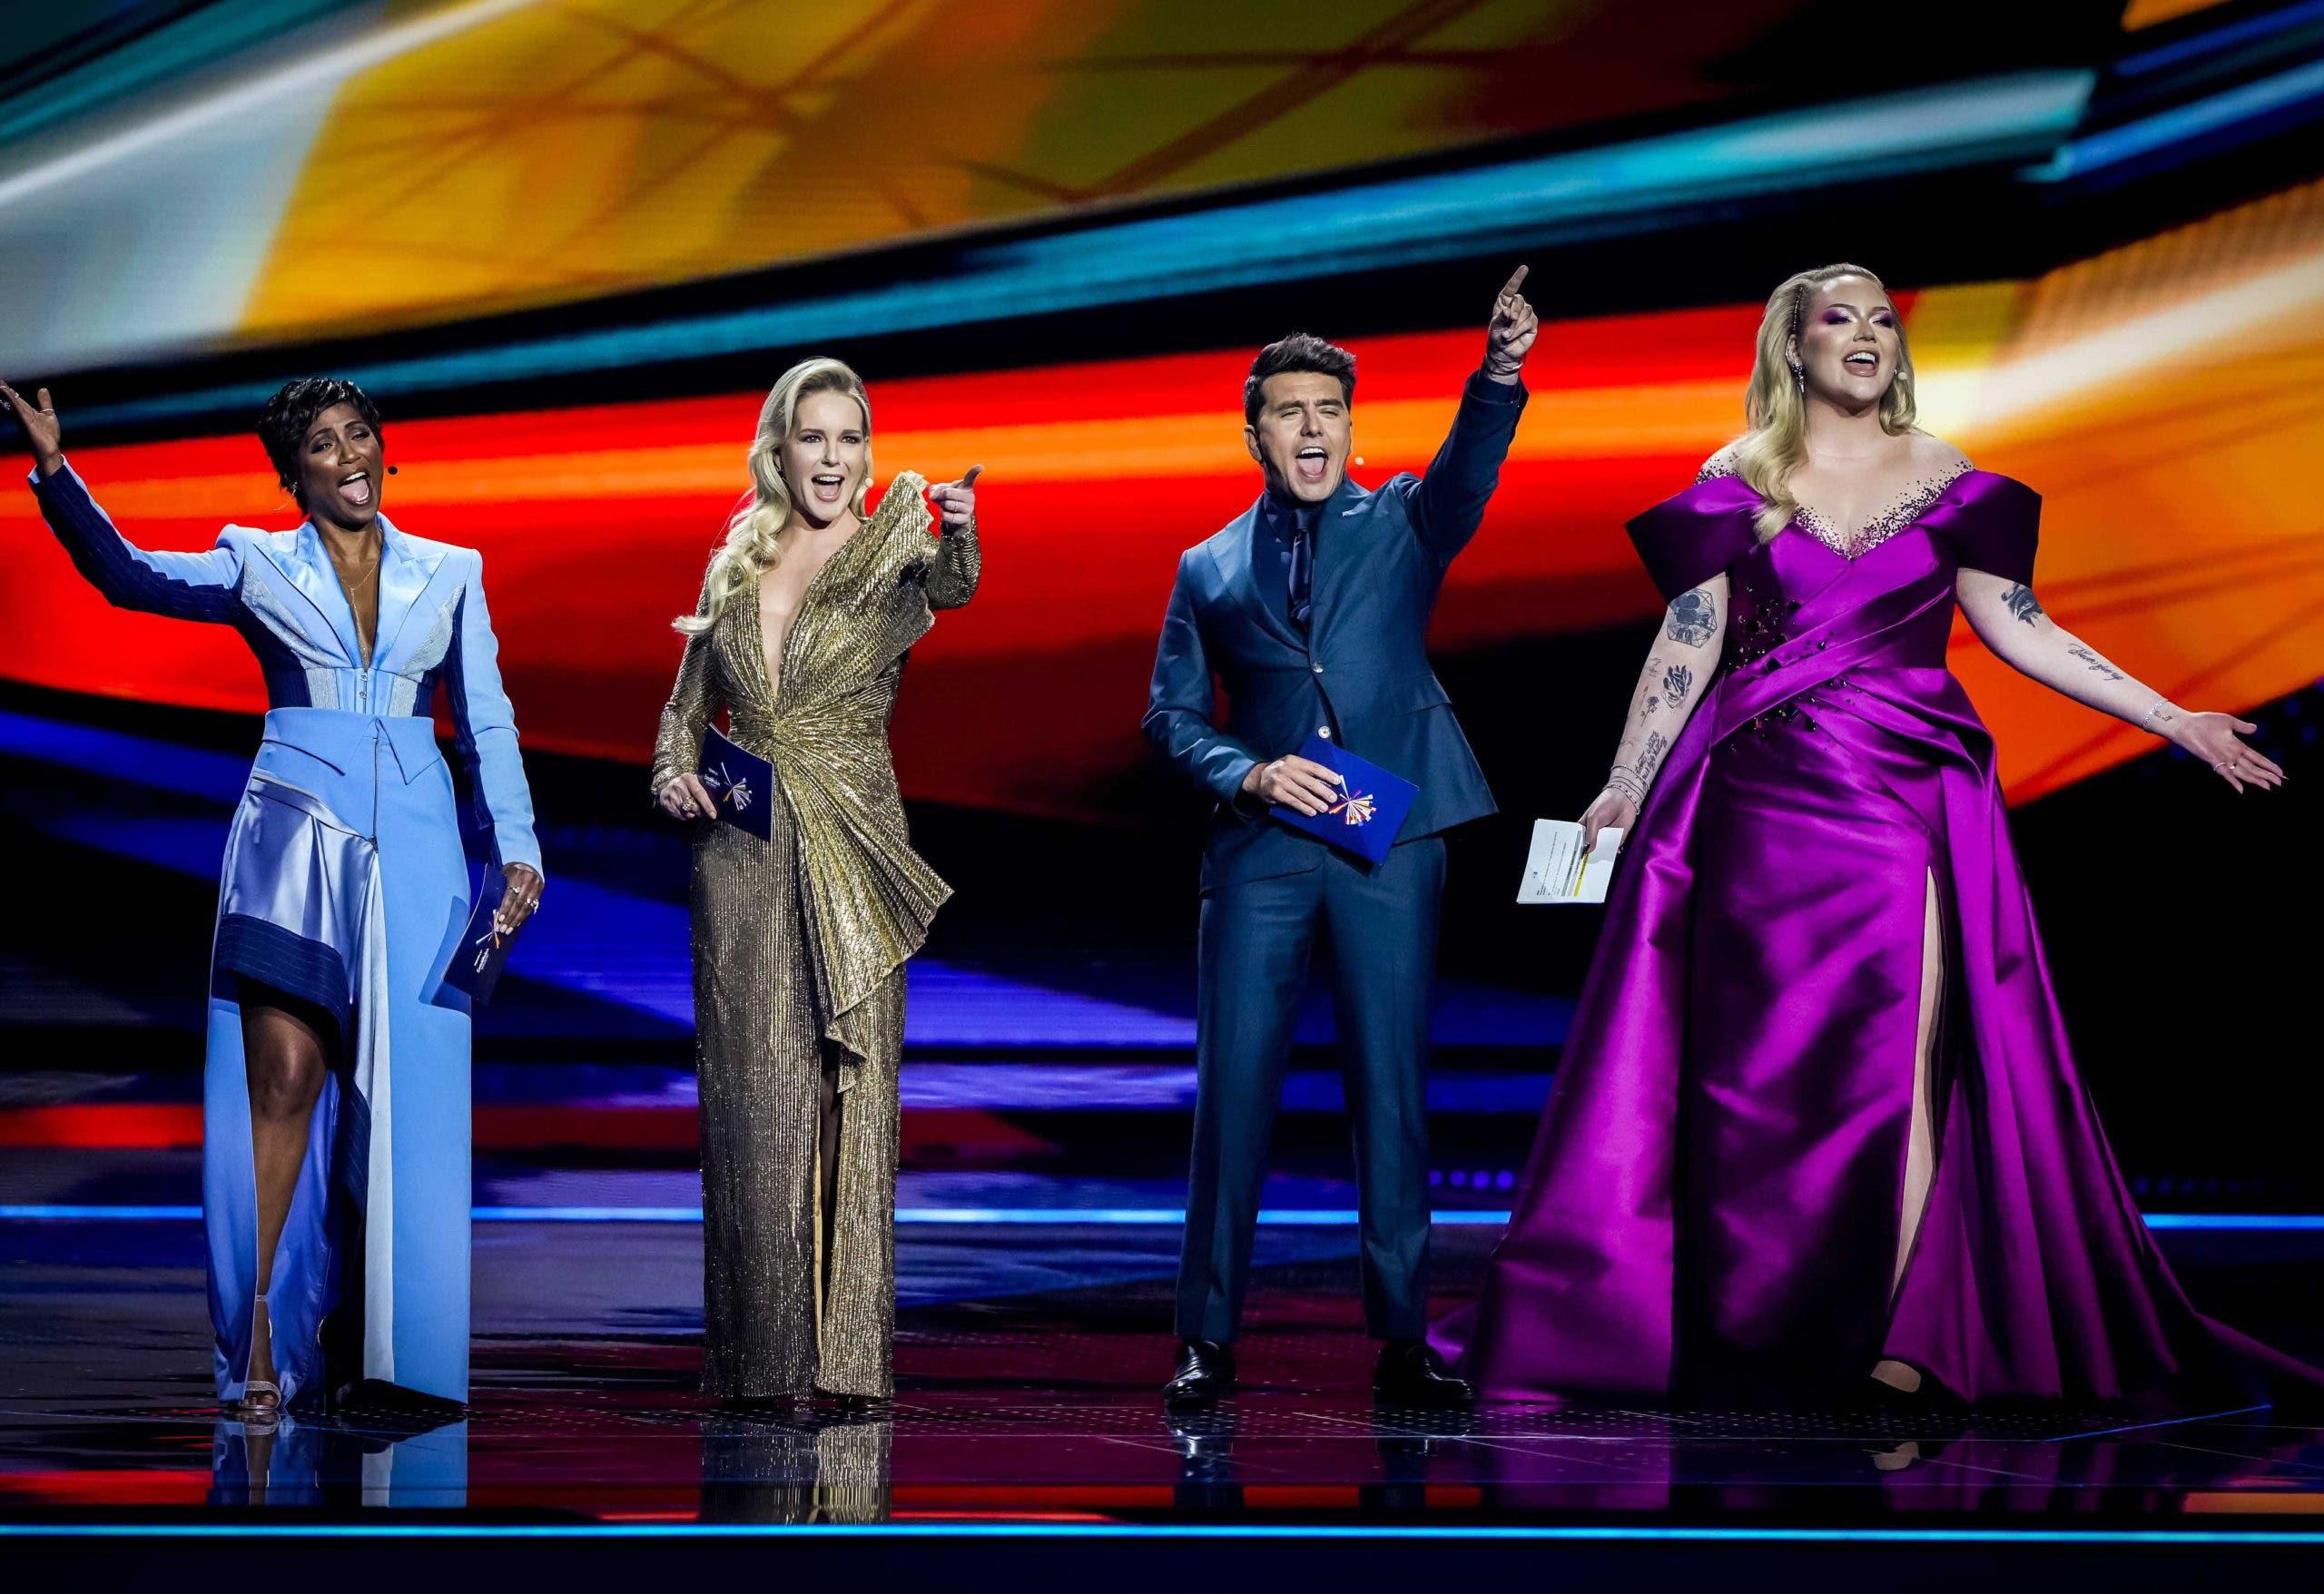 La gran final de Eurovisión 2021 arranca con su triunfo sobre la pandemia